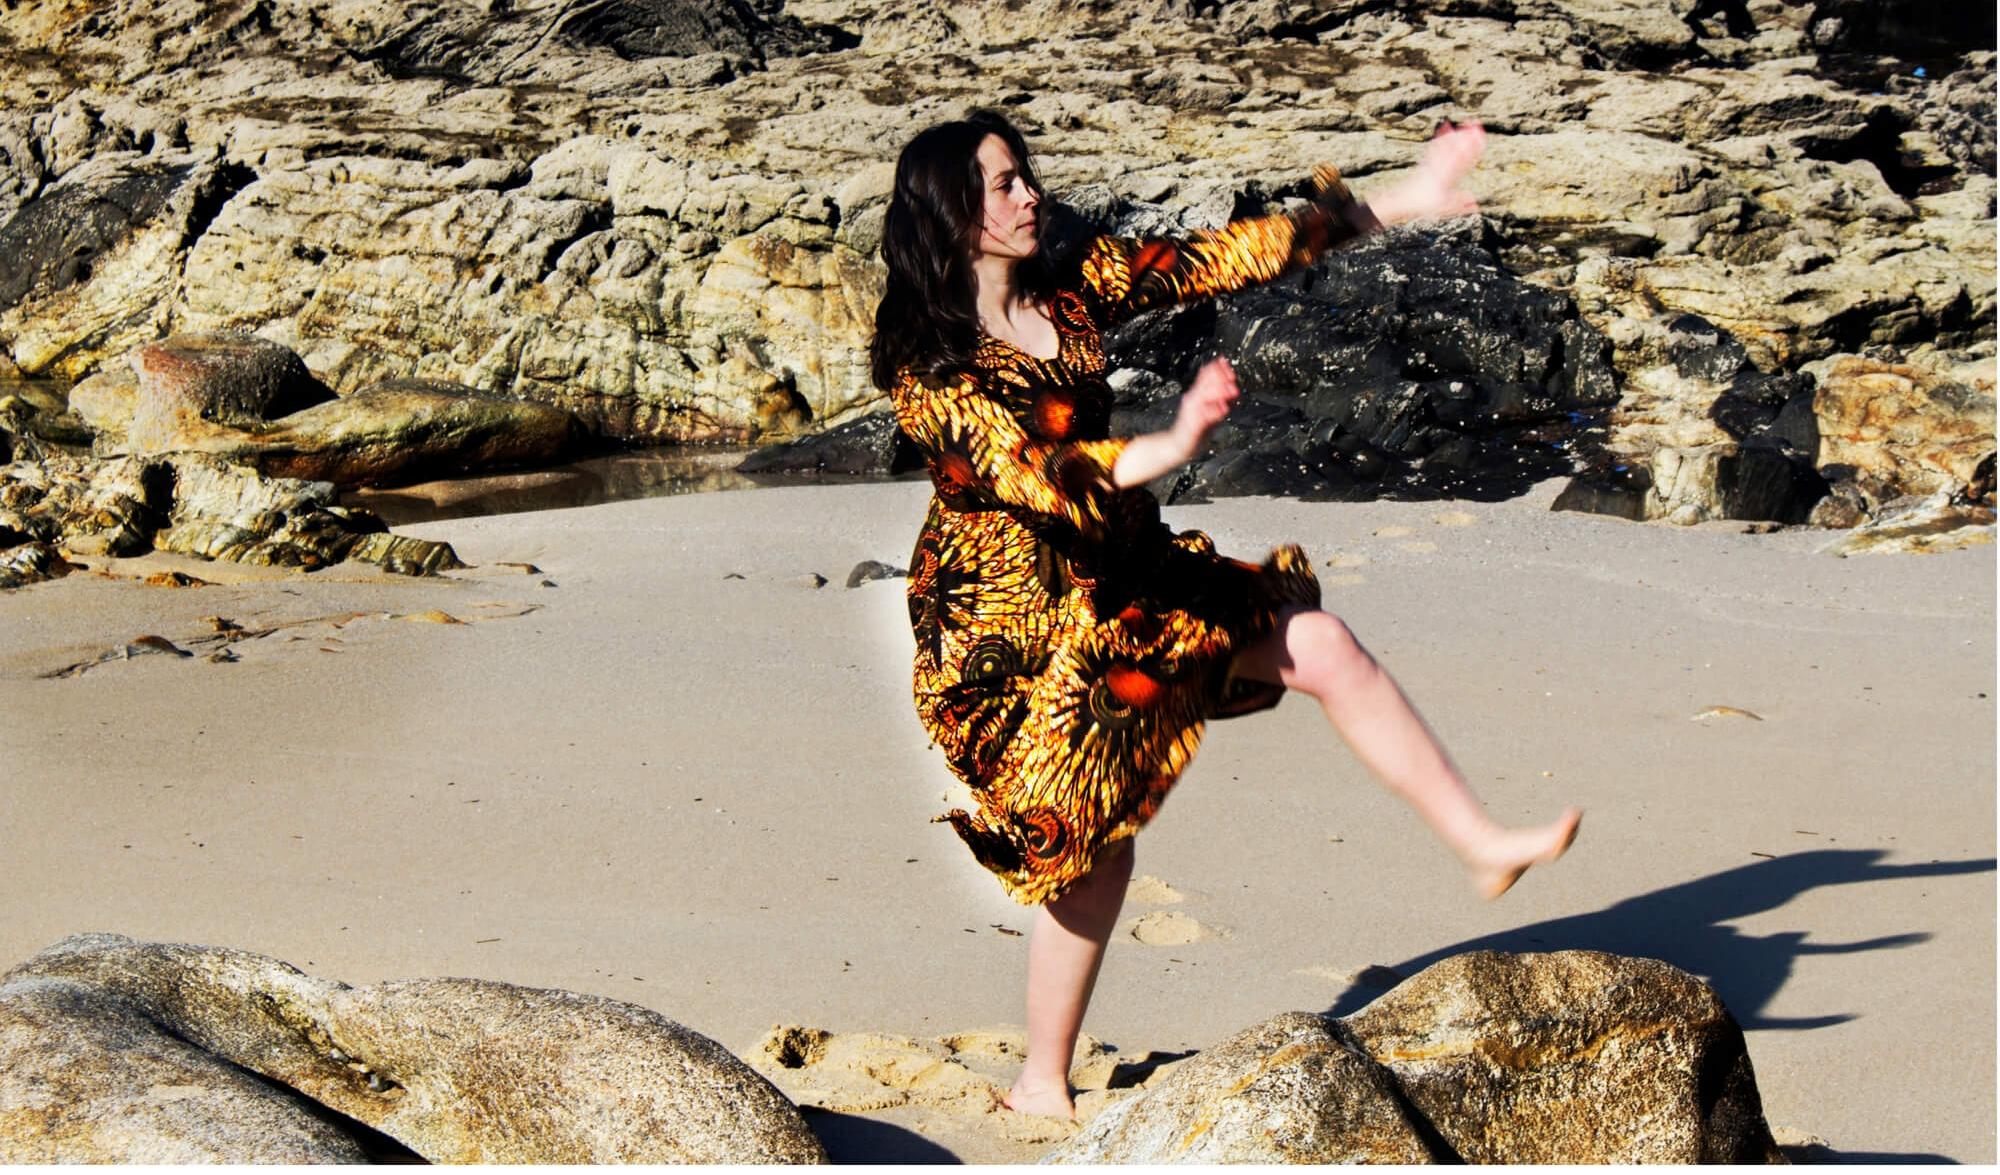 Sobre Tania Veiga, profesora de Danza Tradicional do Oeste de África